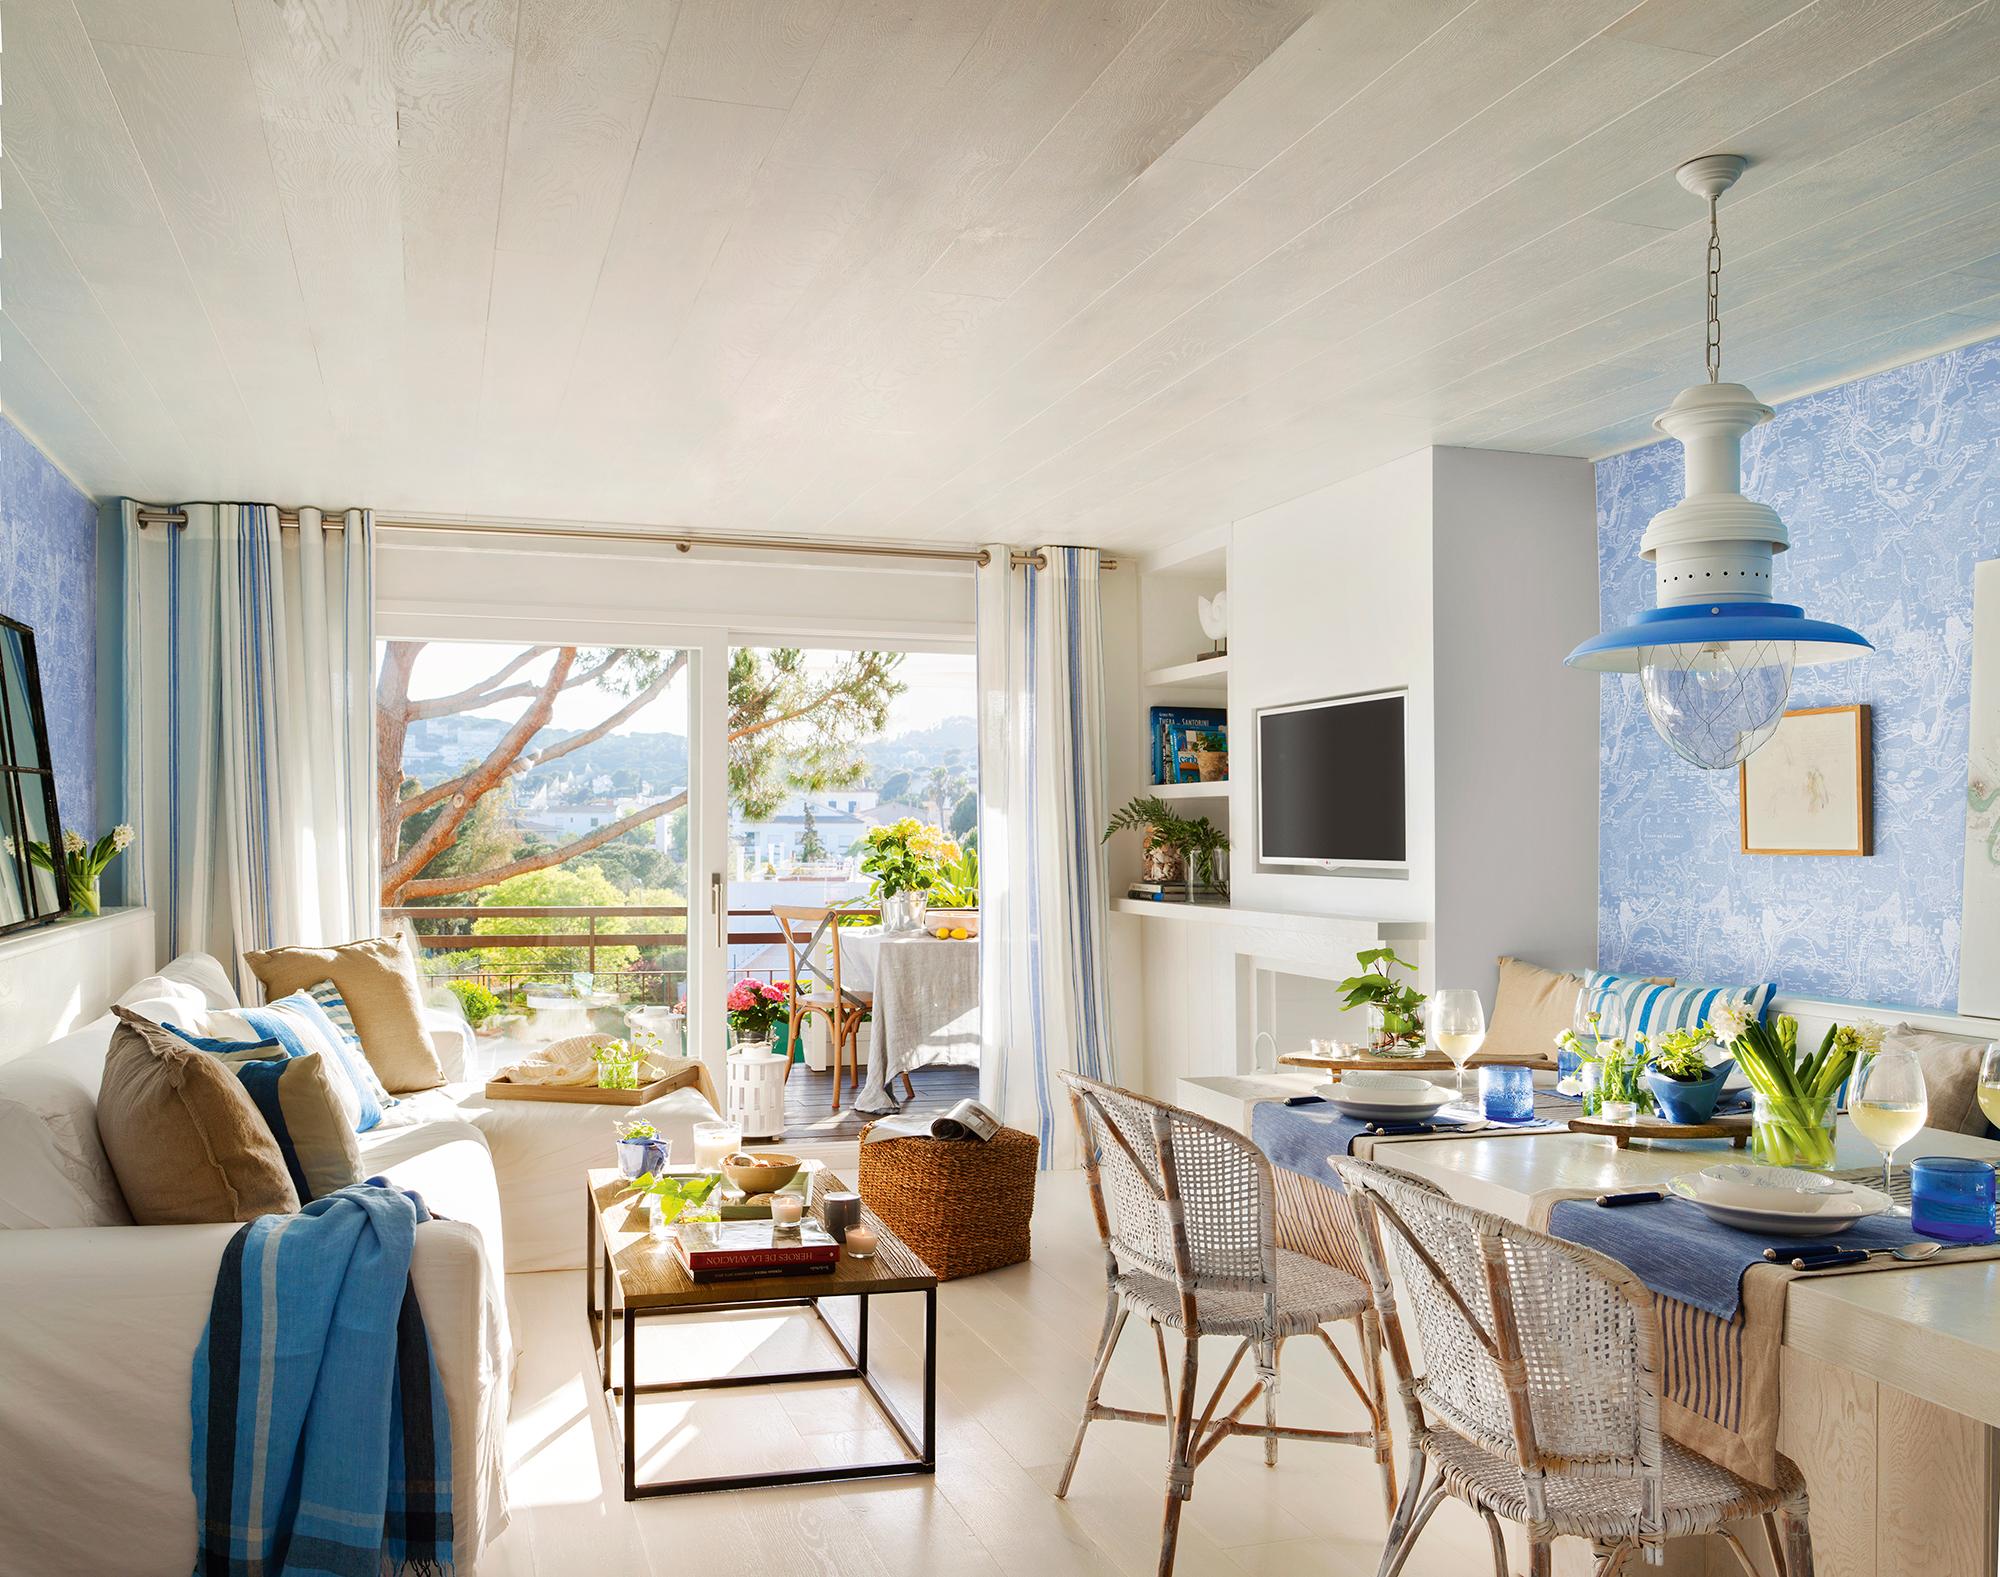 saln con comedor con paredes azules y muebles blancos